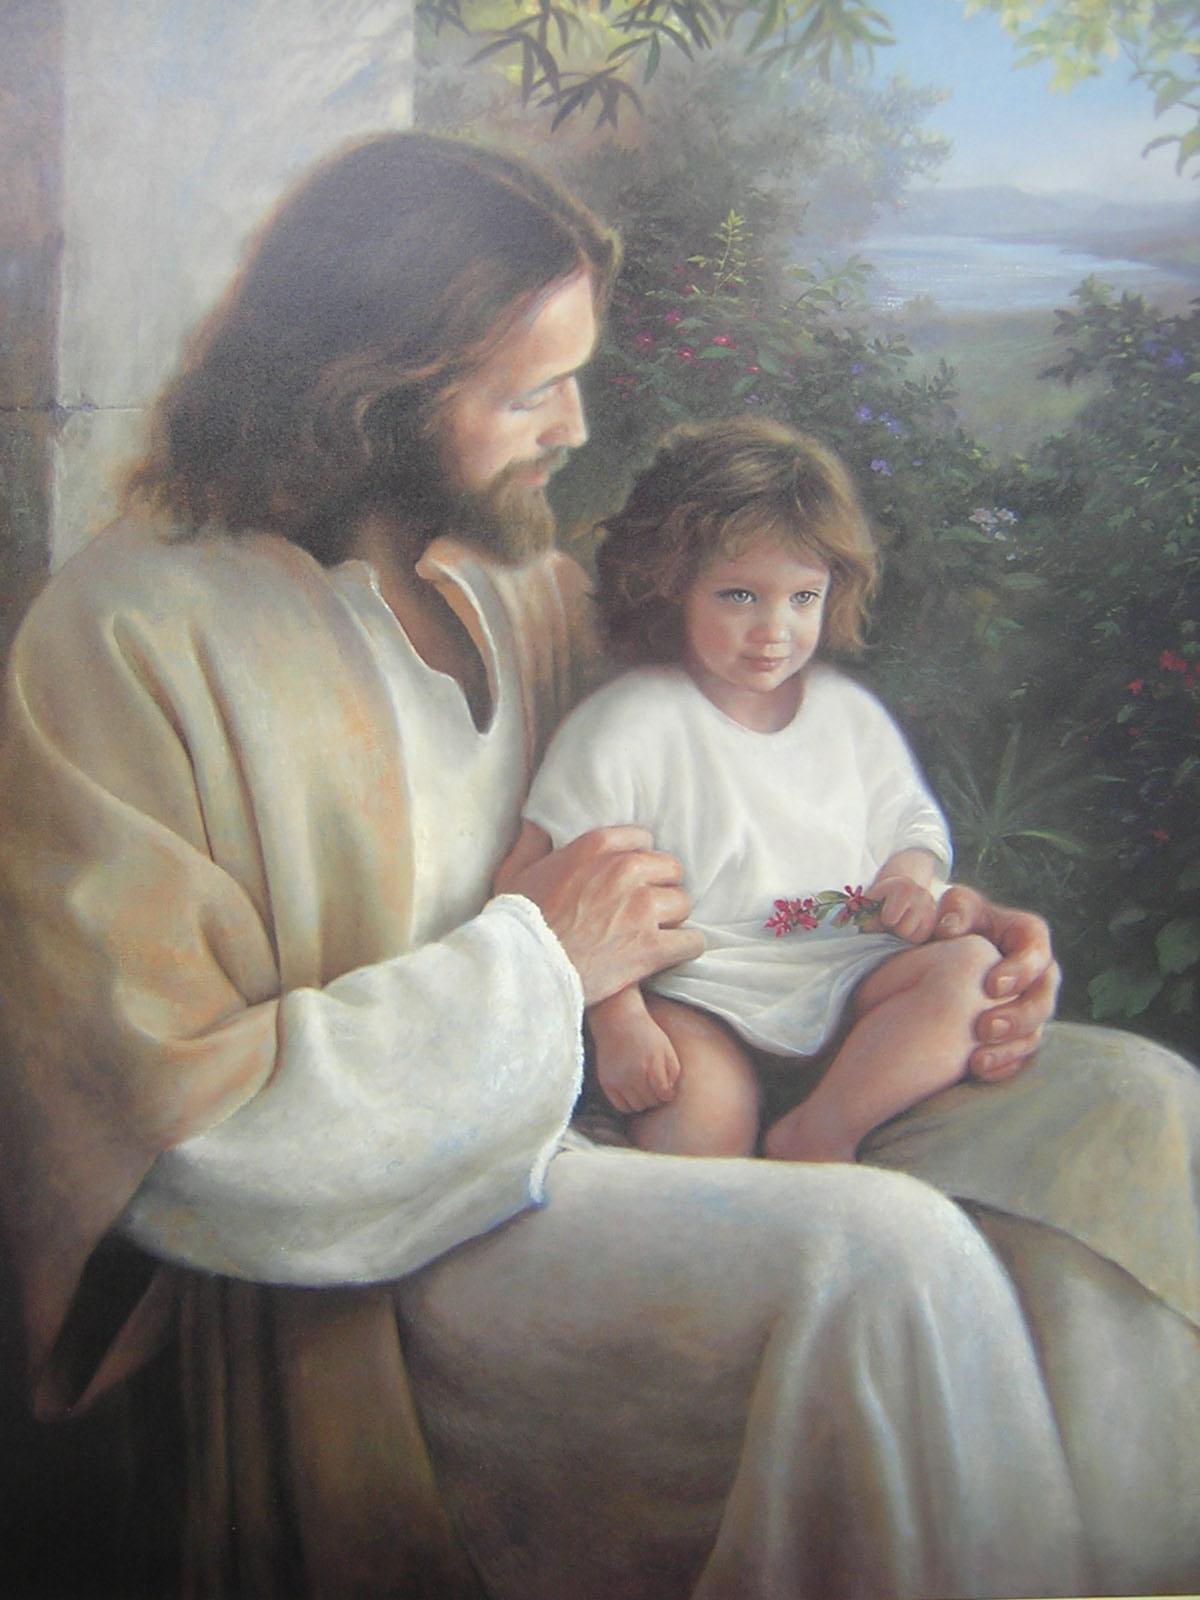 Hình ảnh chúa jesus với trẻ em